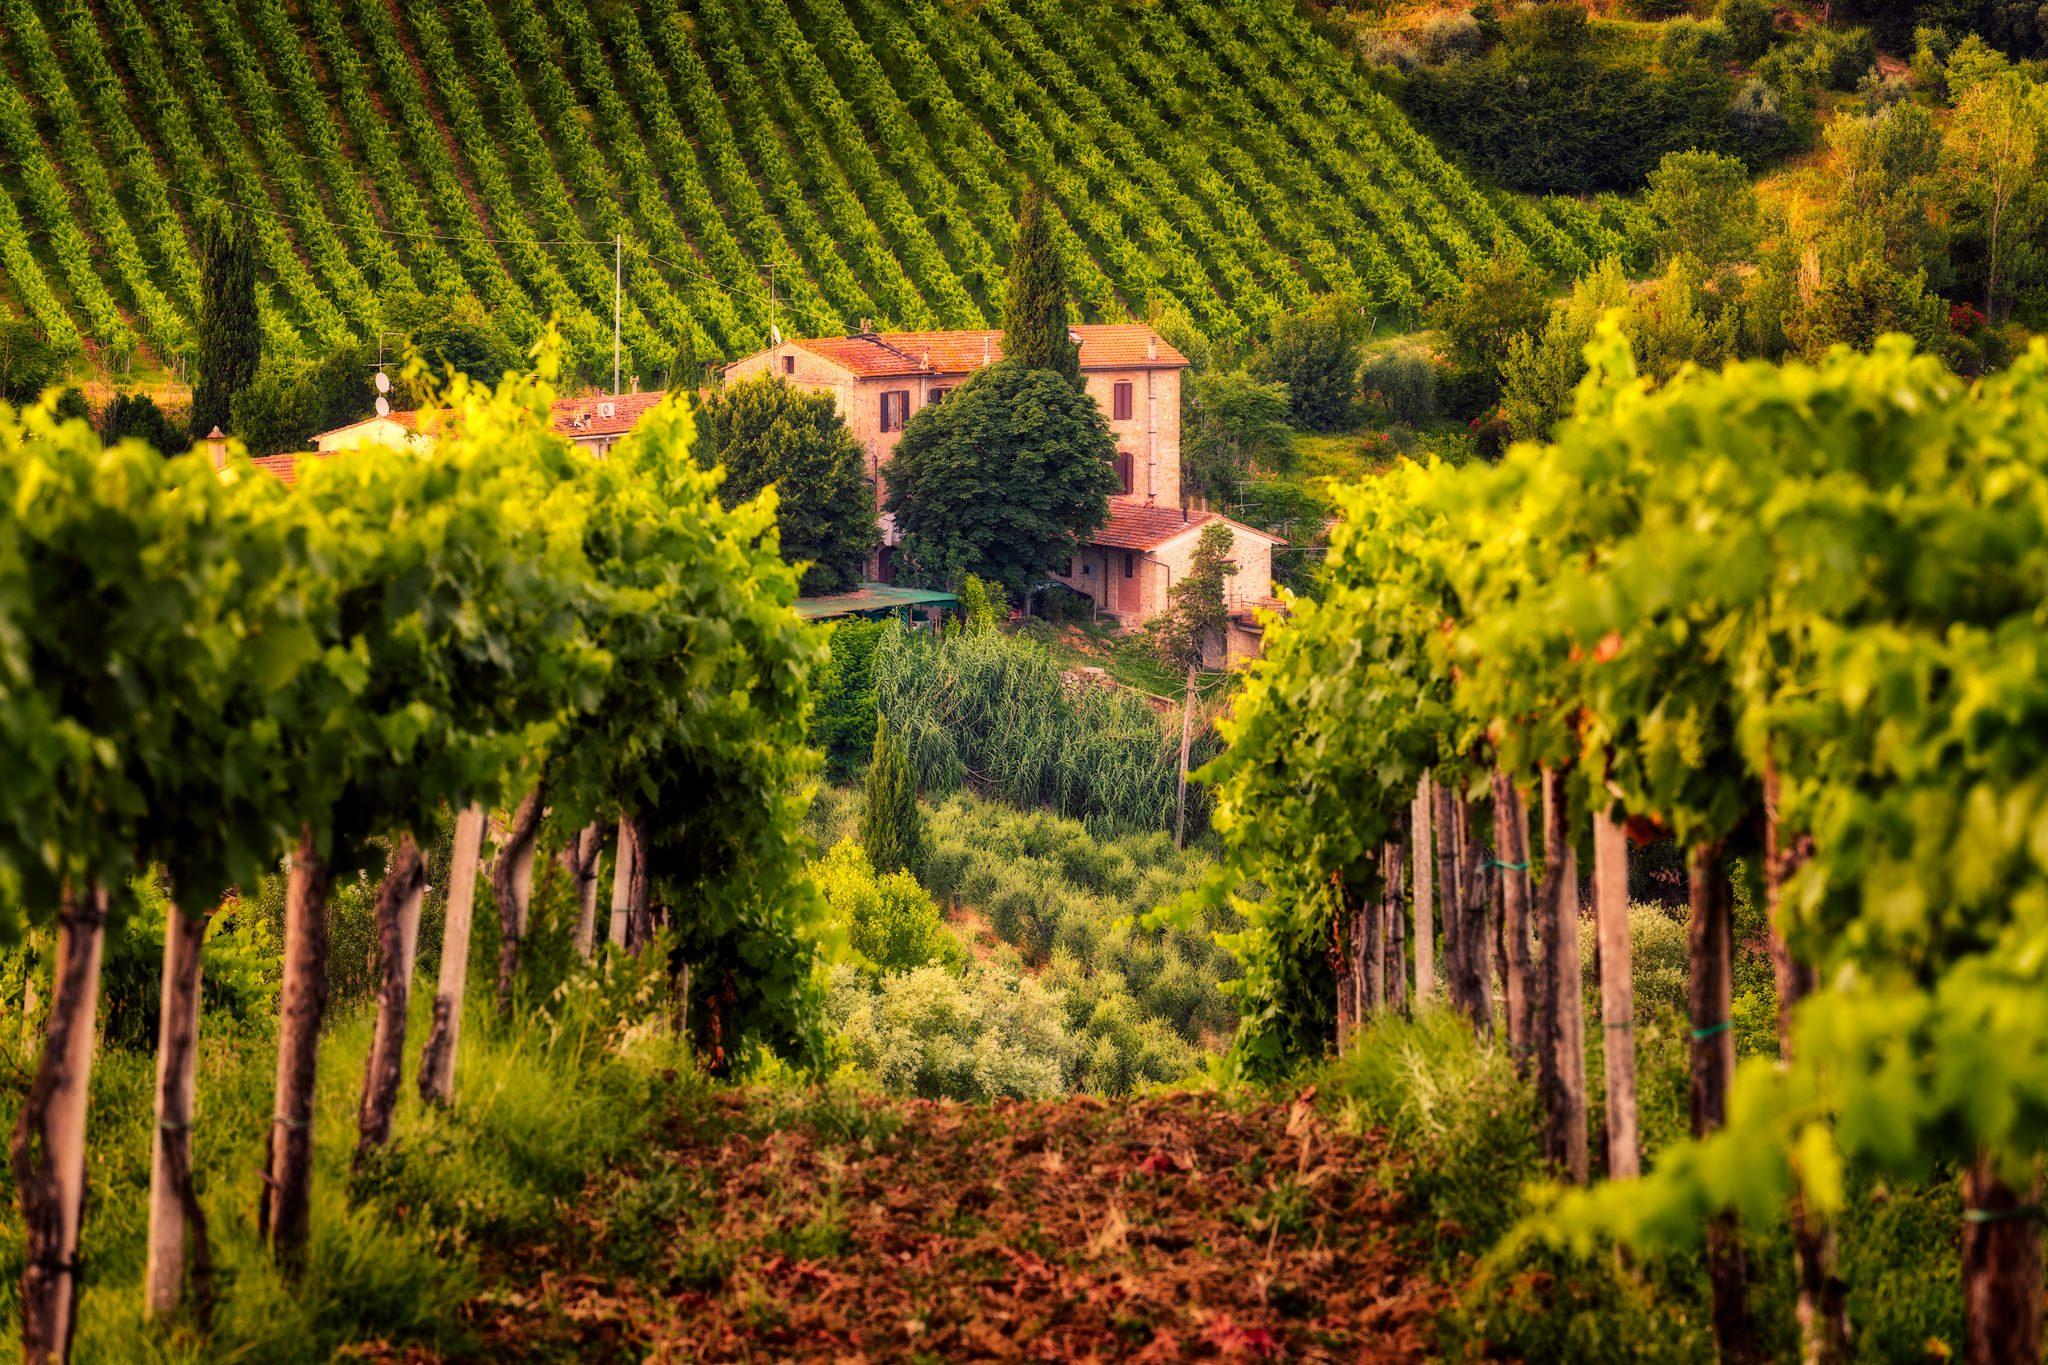 Die Weinberge der Toskana, in der Nähe einer Villa, Italien.